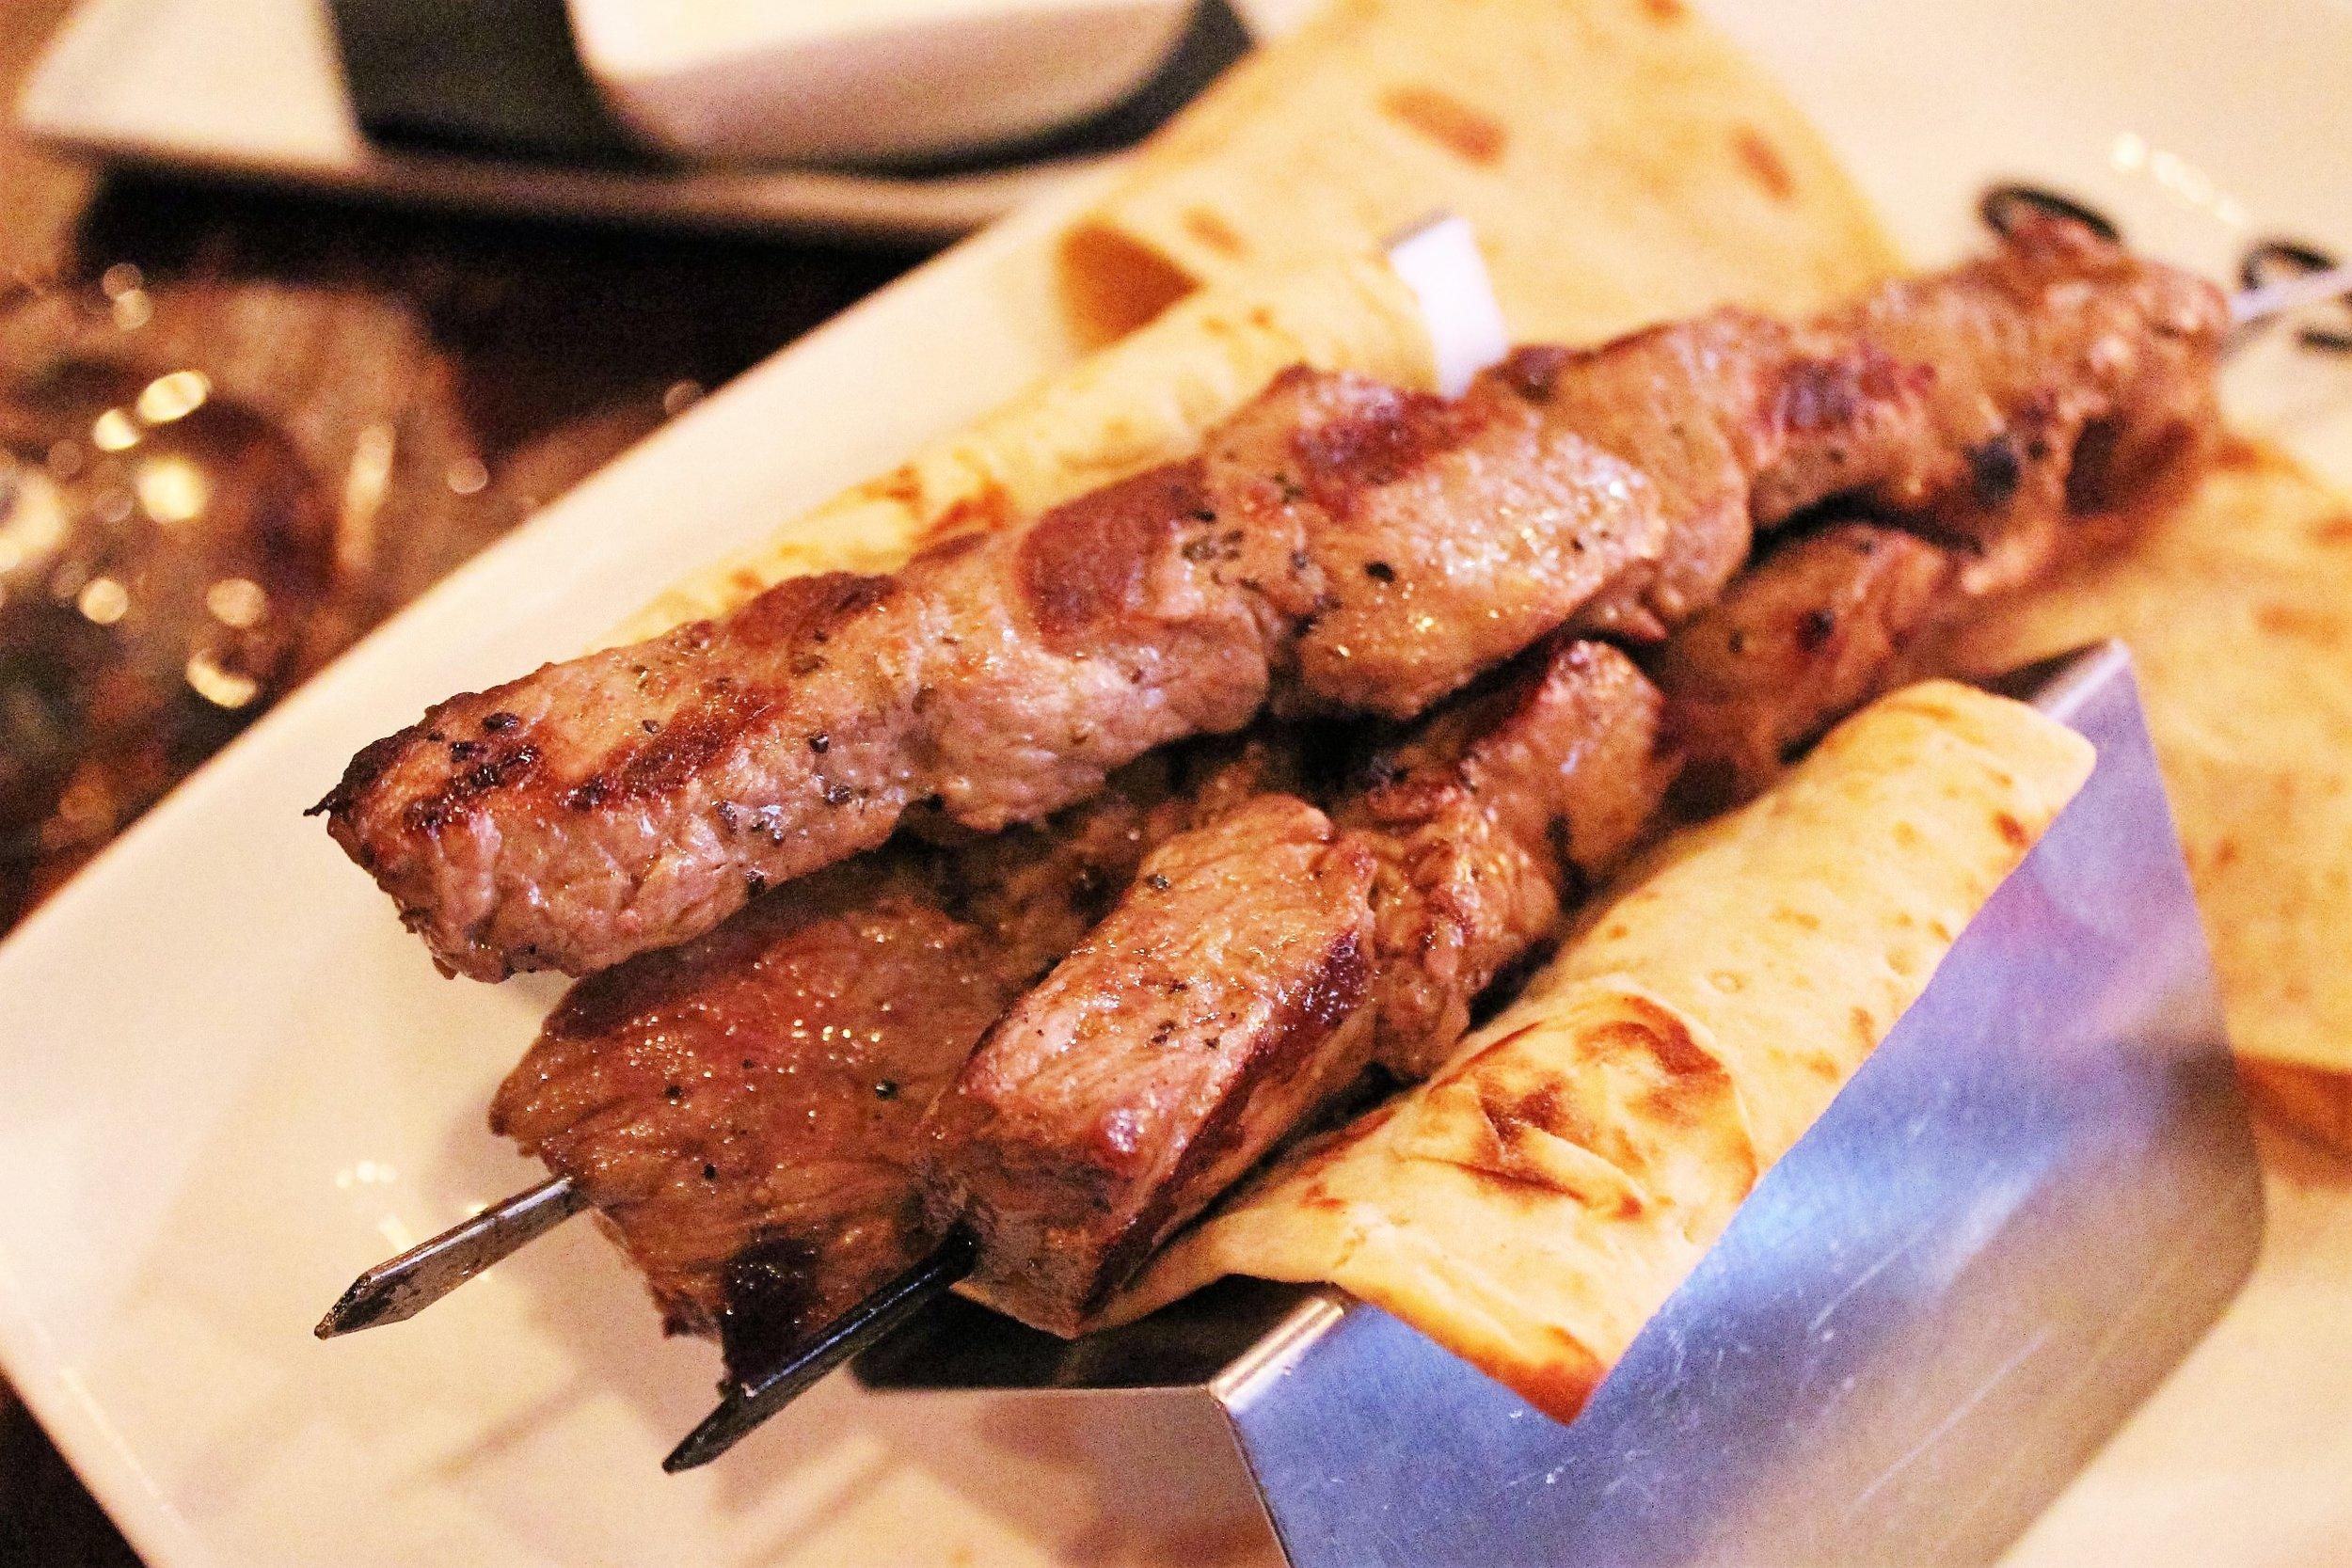 Grilled Brochette: Ribeye on skewers with Herb Dip and Yogurt Dip at Balzem